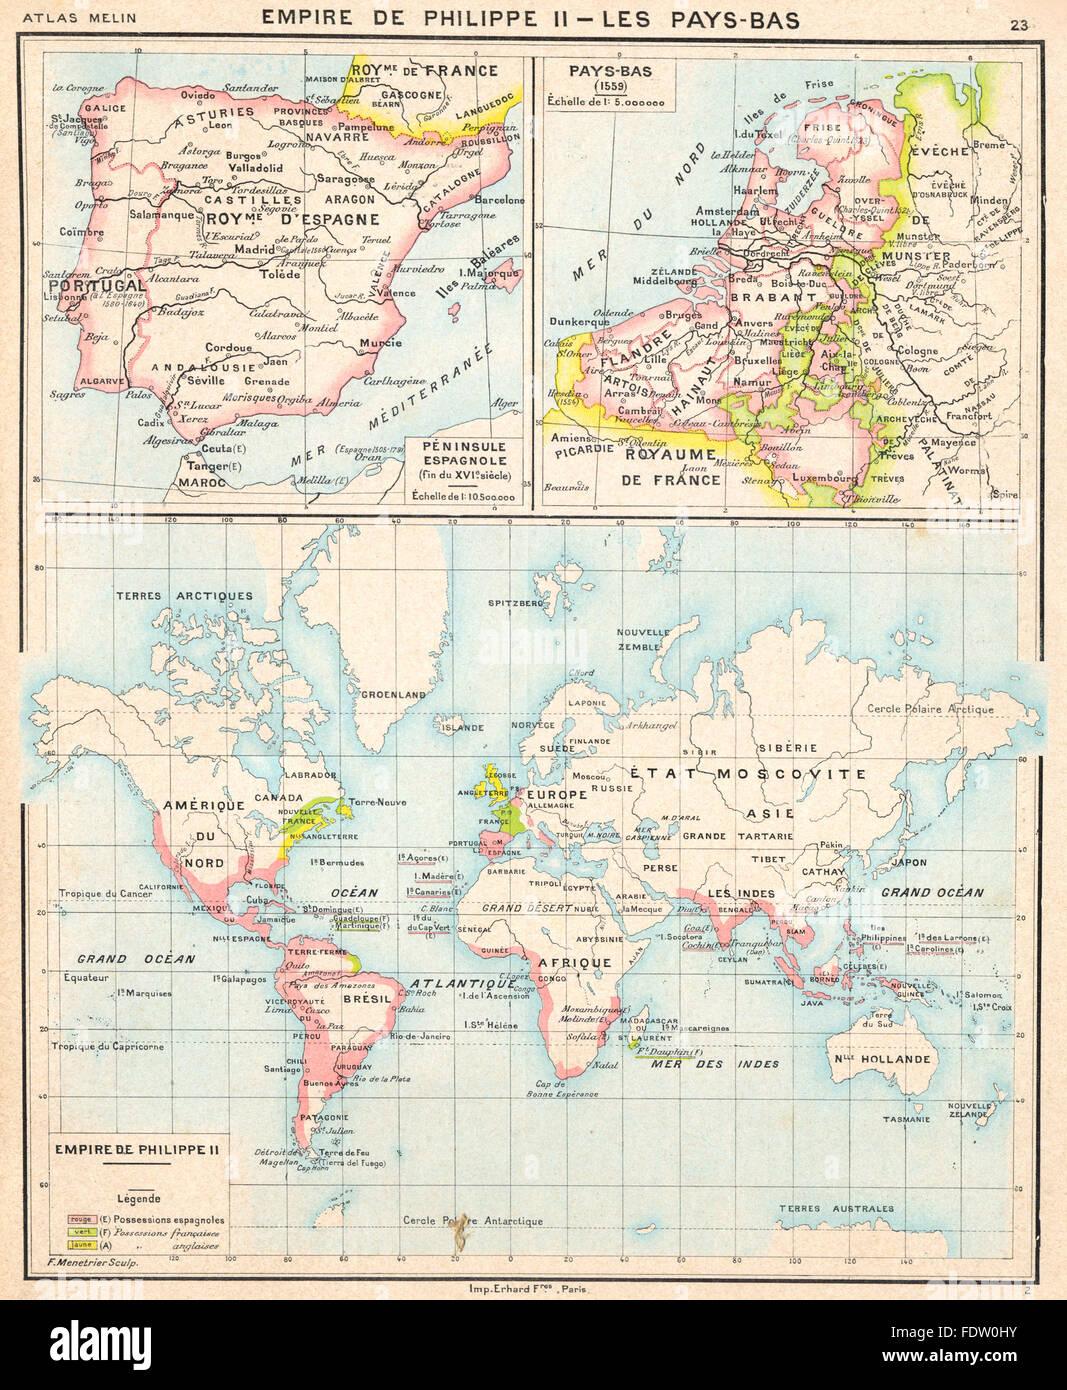 IBERIA: Empire de Philippe II; Péninsule Espagnole 16C; Pays- Bas, 1900 map - Stock Image